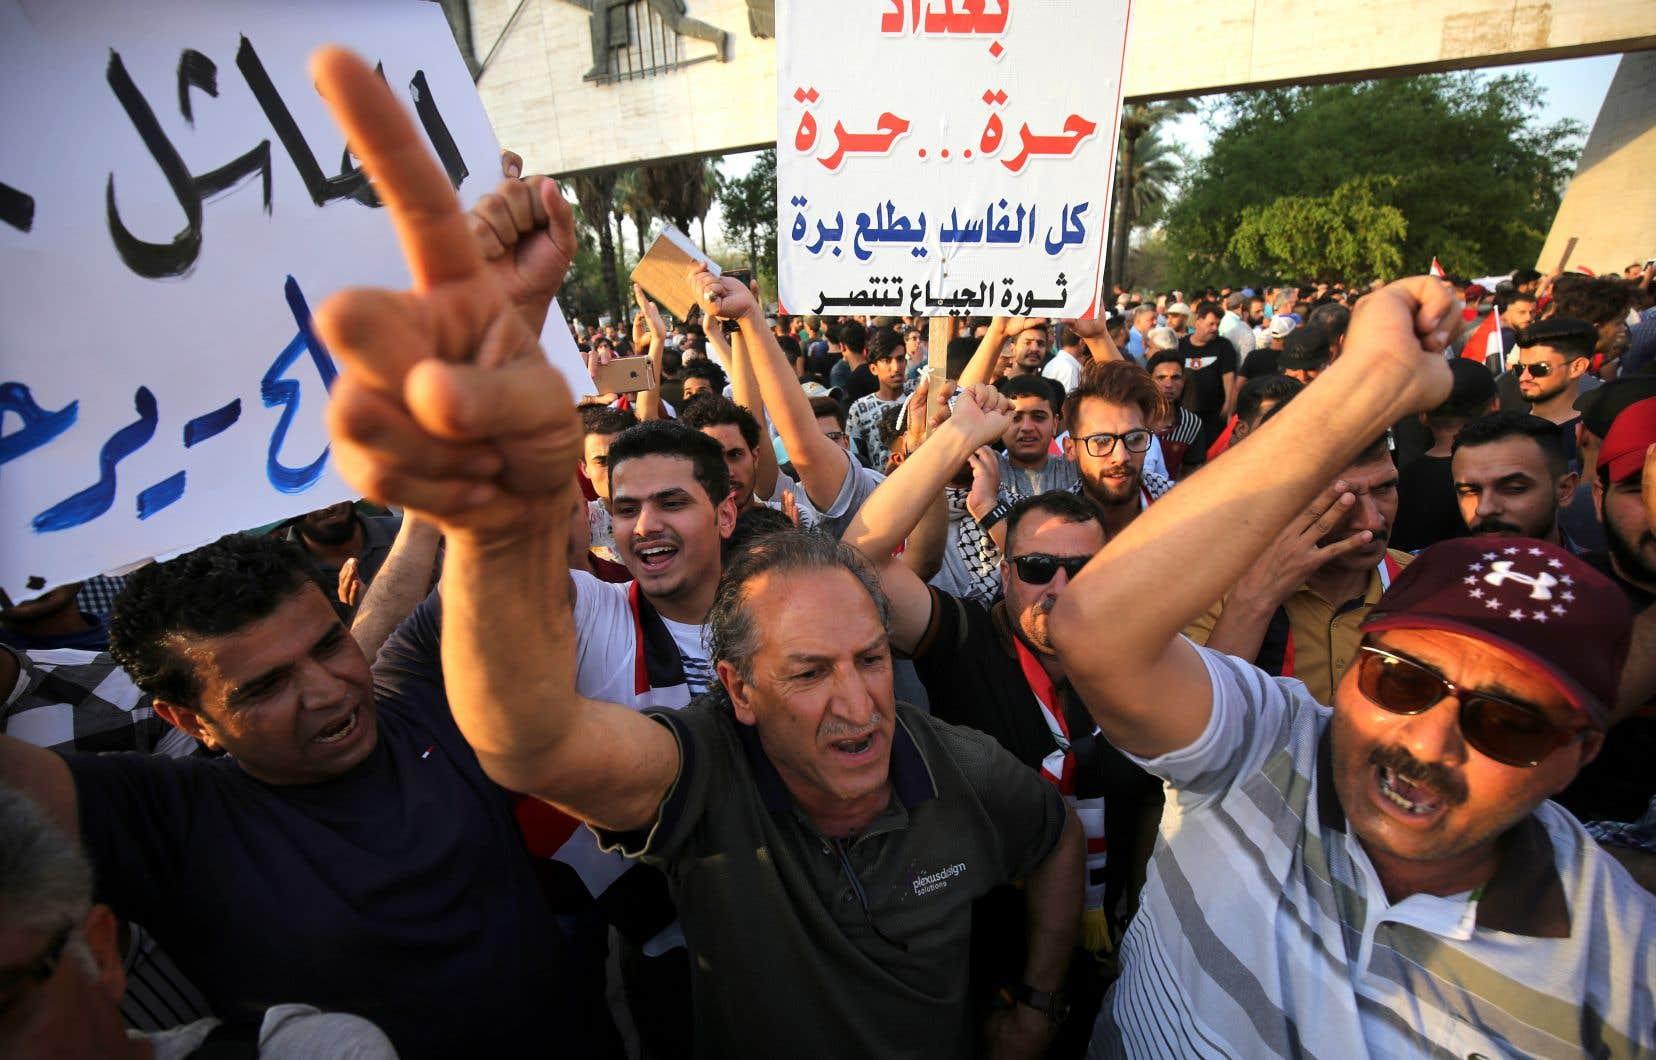 En Irak, des manifestations quotidiennes dénoncent entre autres les services publics déficients, la pénurie chronique d'électricité et d'eau, le chômage endémique, ainsi que l'impéritie de l'État, des politiciens et les ingérences étrangères.